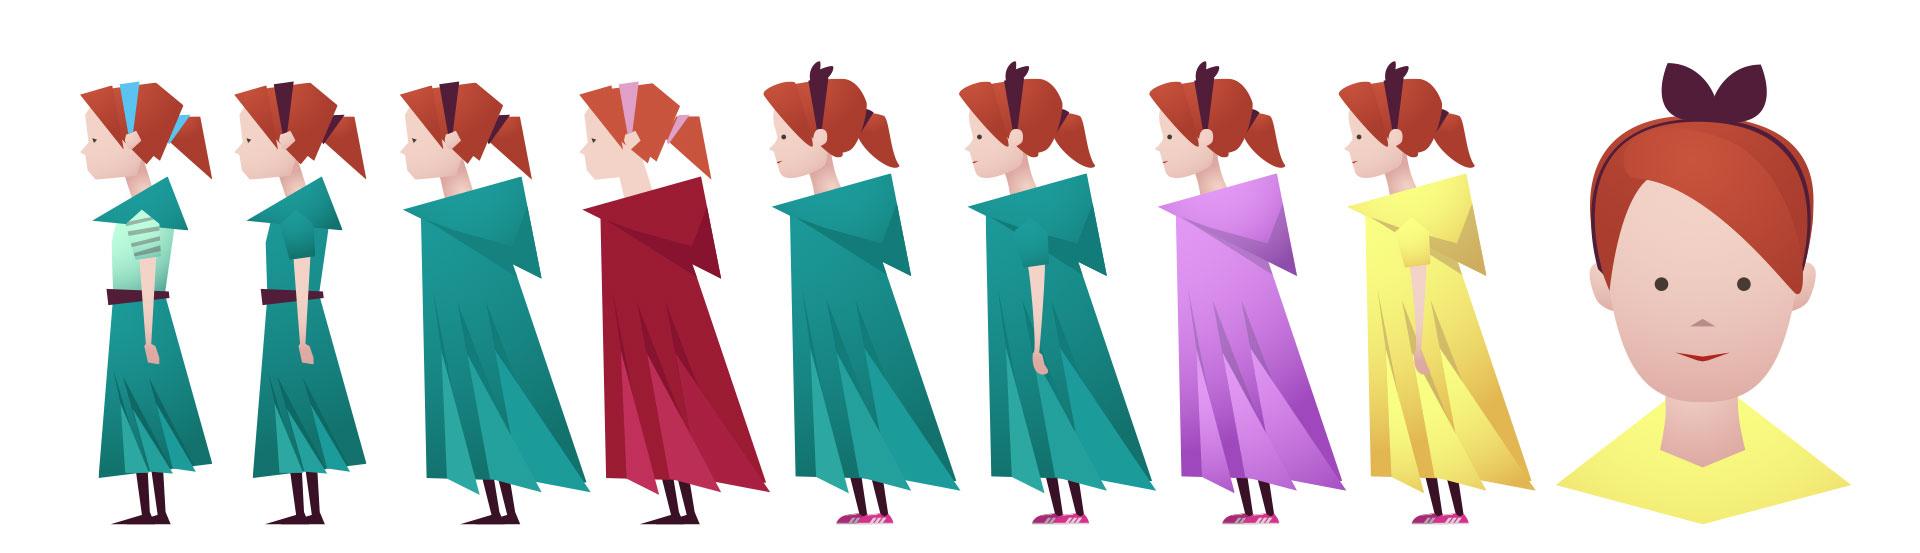 fargeskisser for å finne riktig fargesammensetning av jenta